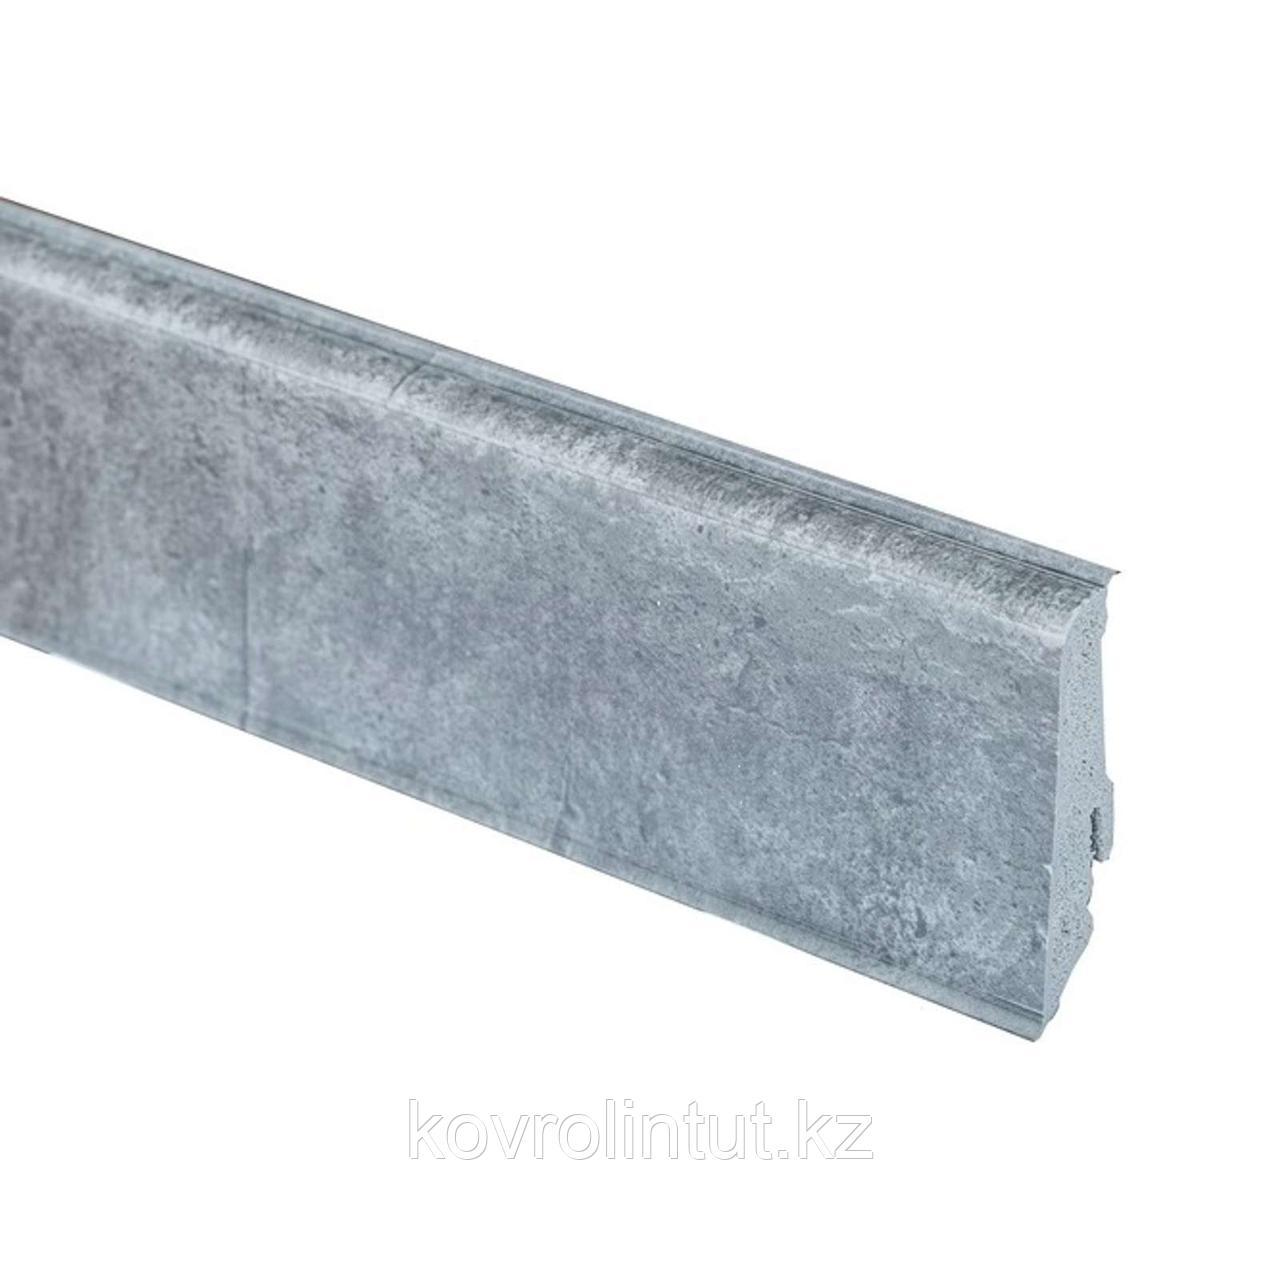 Плинтус композитный для LVT Neuhofer Holz, K0210L, 714495, 2400х59х17 мм